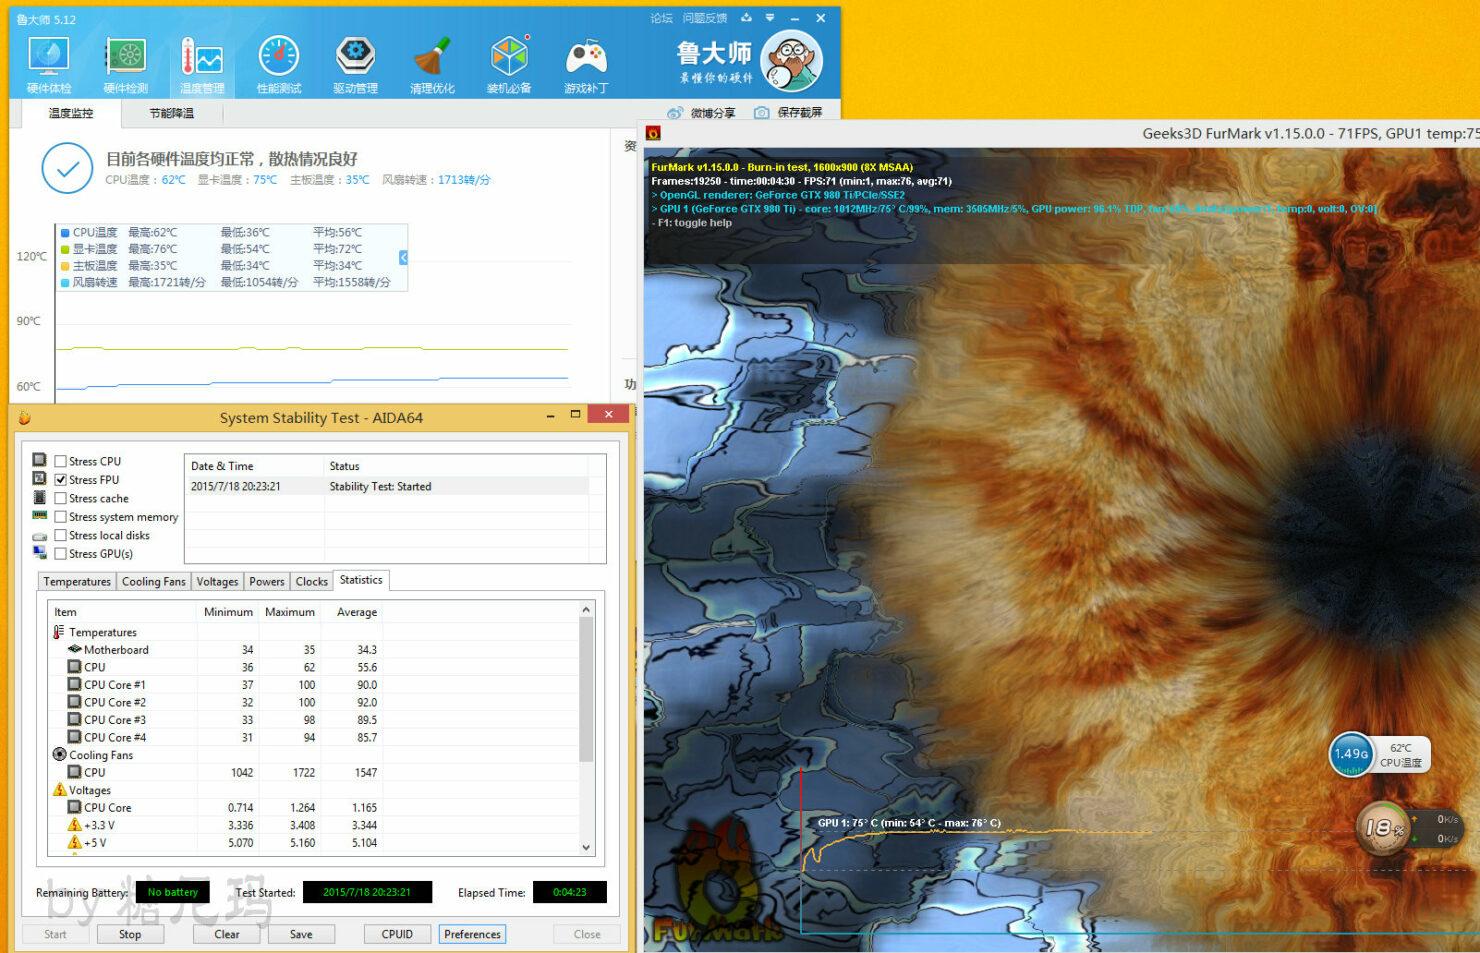 intel-core-i7-6700k-vs-core-i7-4790k_temperatures